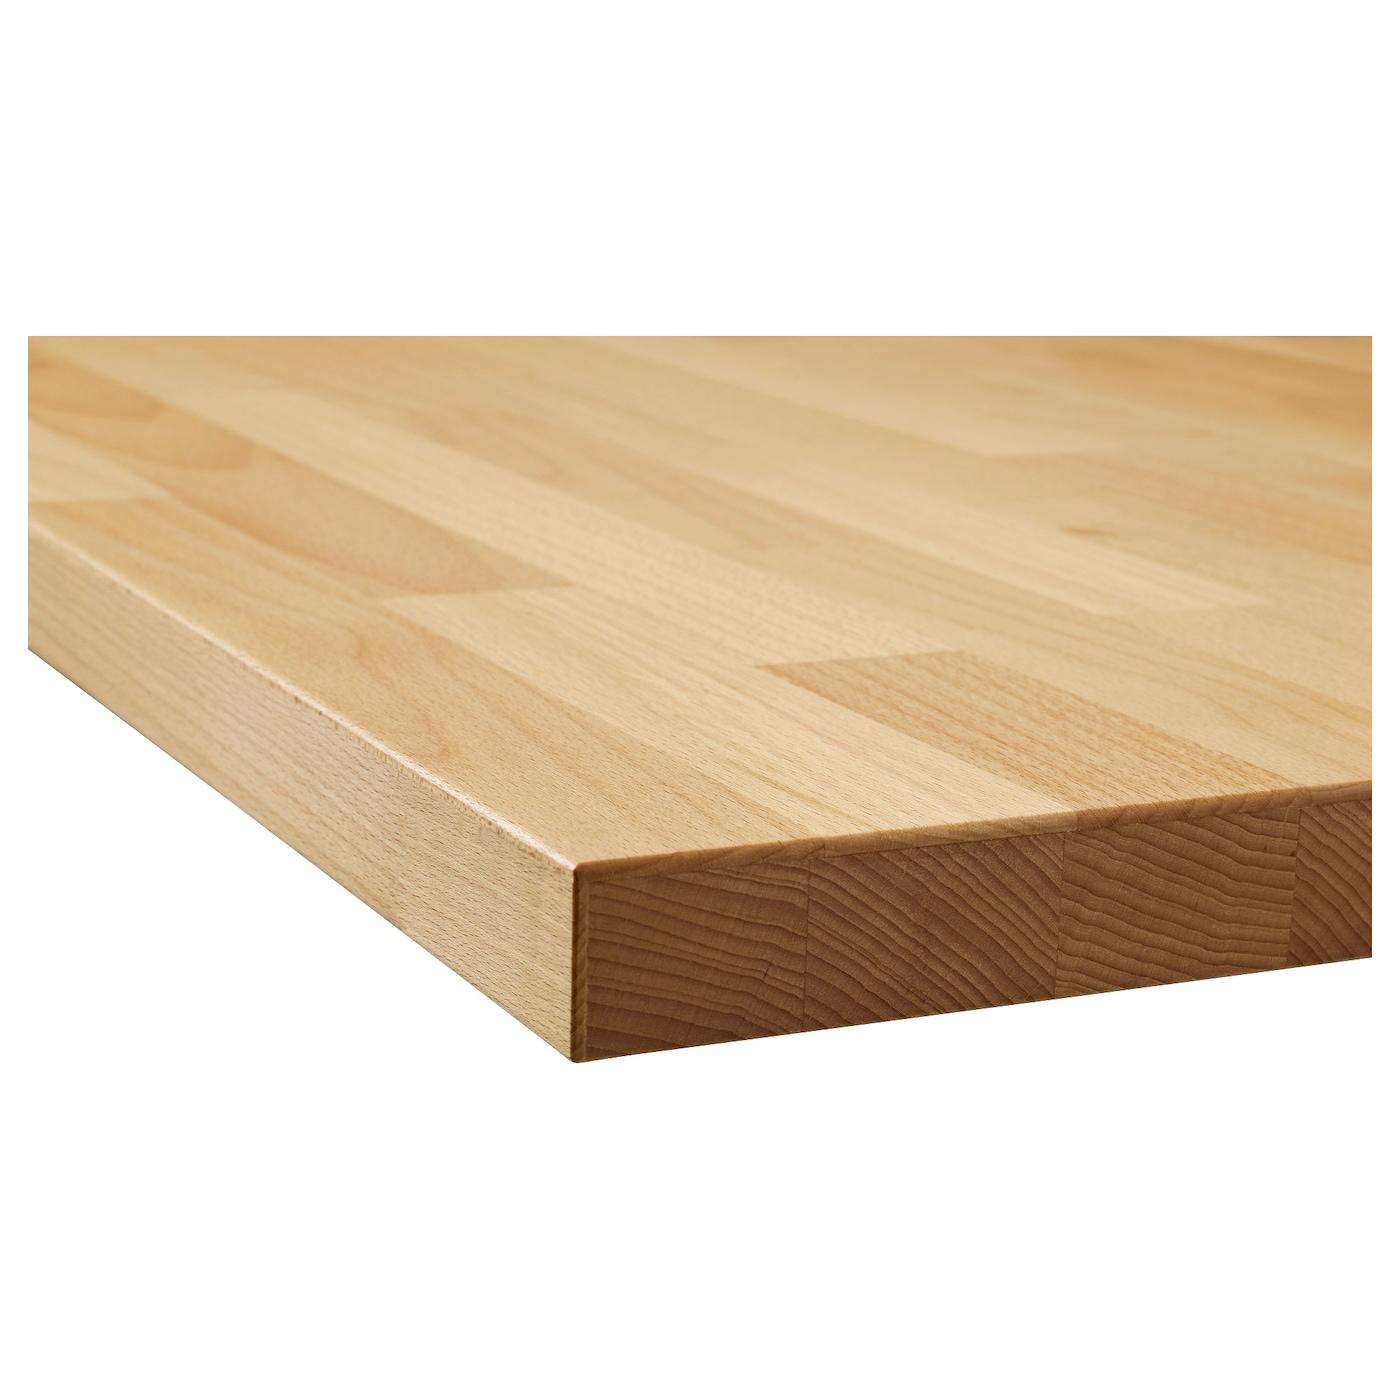 KARLBY Bordplade, bøgetræ/finer, 246x3.8 cm